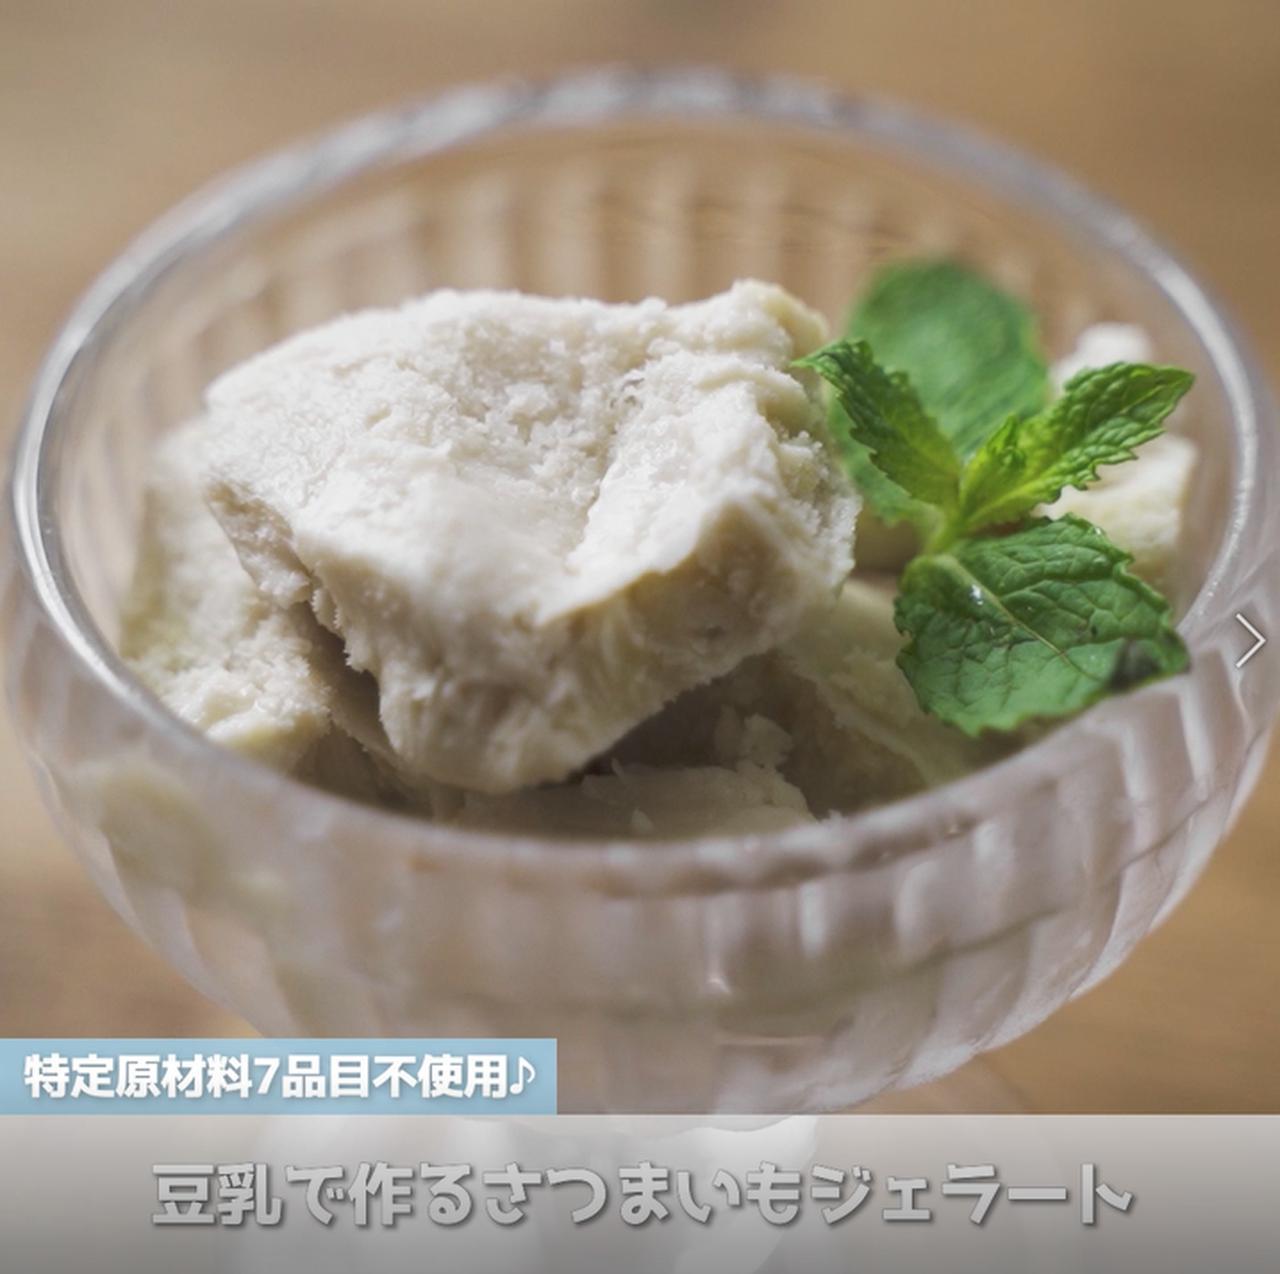 画像: 豆乳で作るさつまいもジェラート - 君とごはん